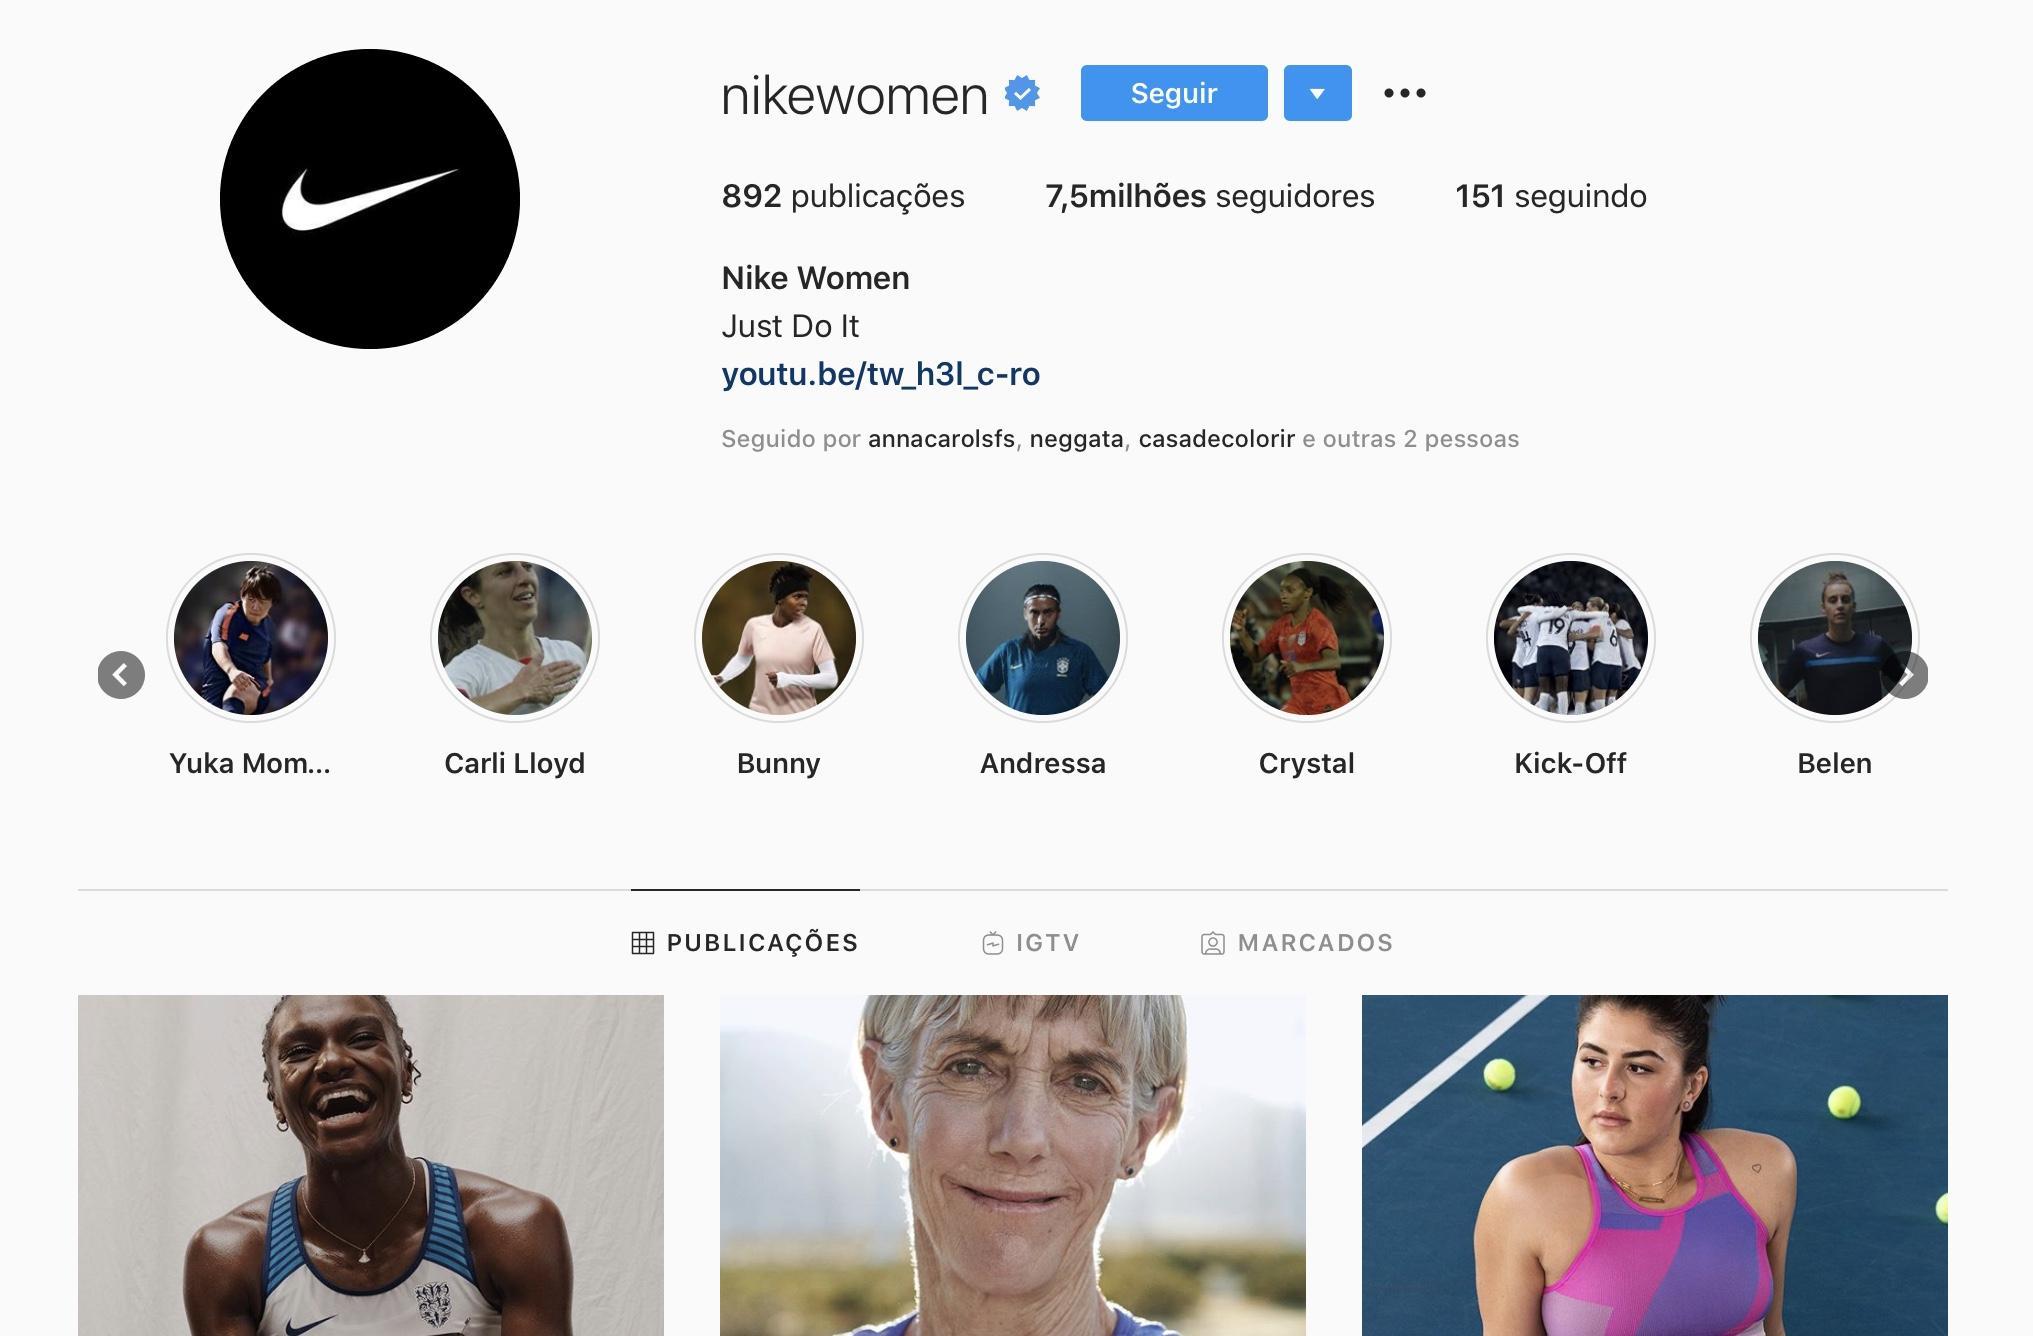 Exemplos para Criar Destaques do Instagram - Nike